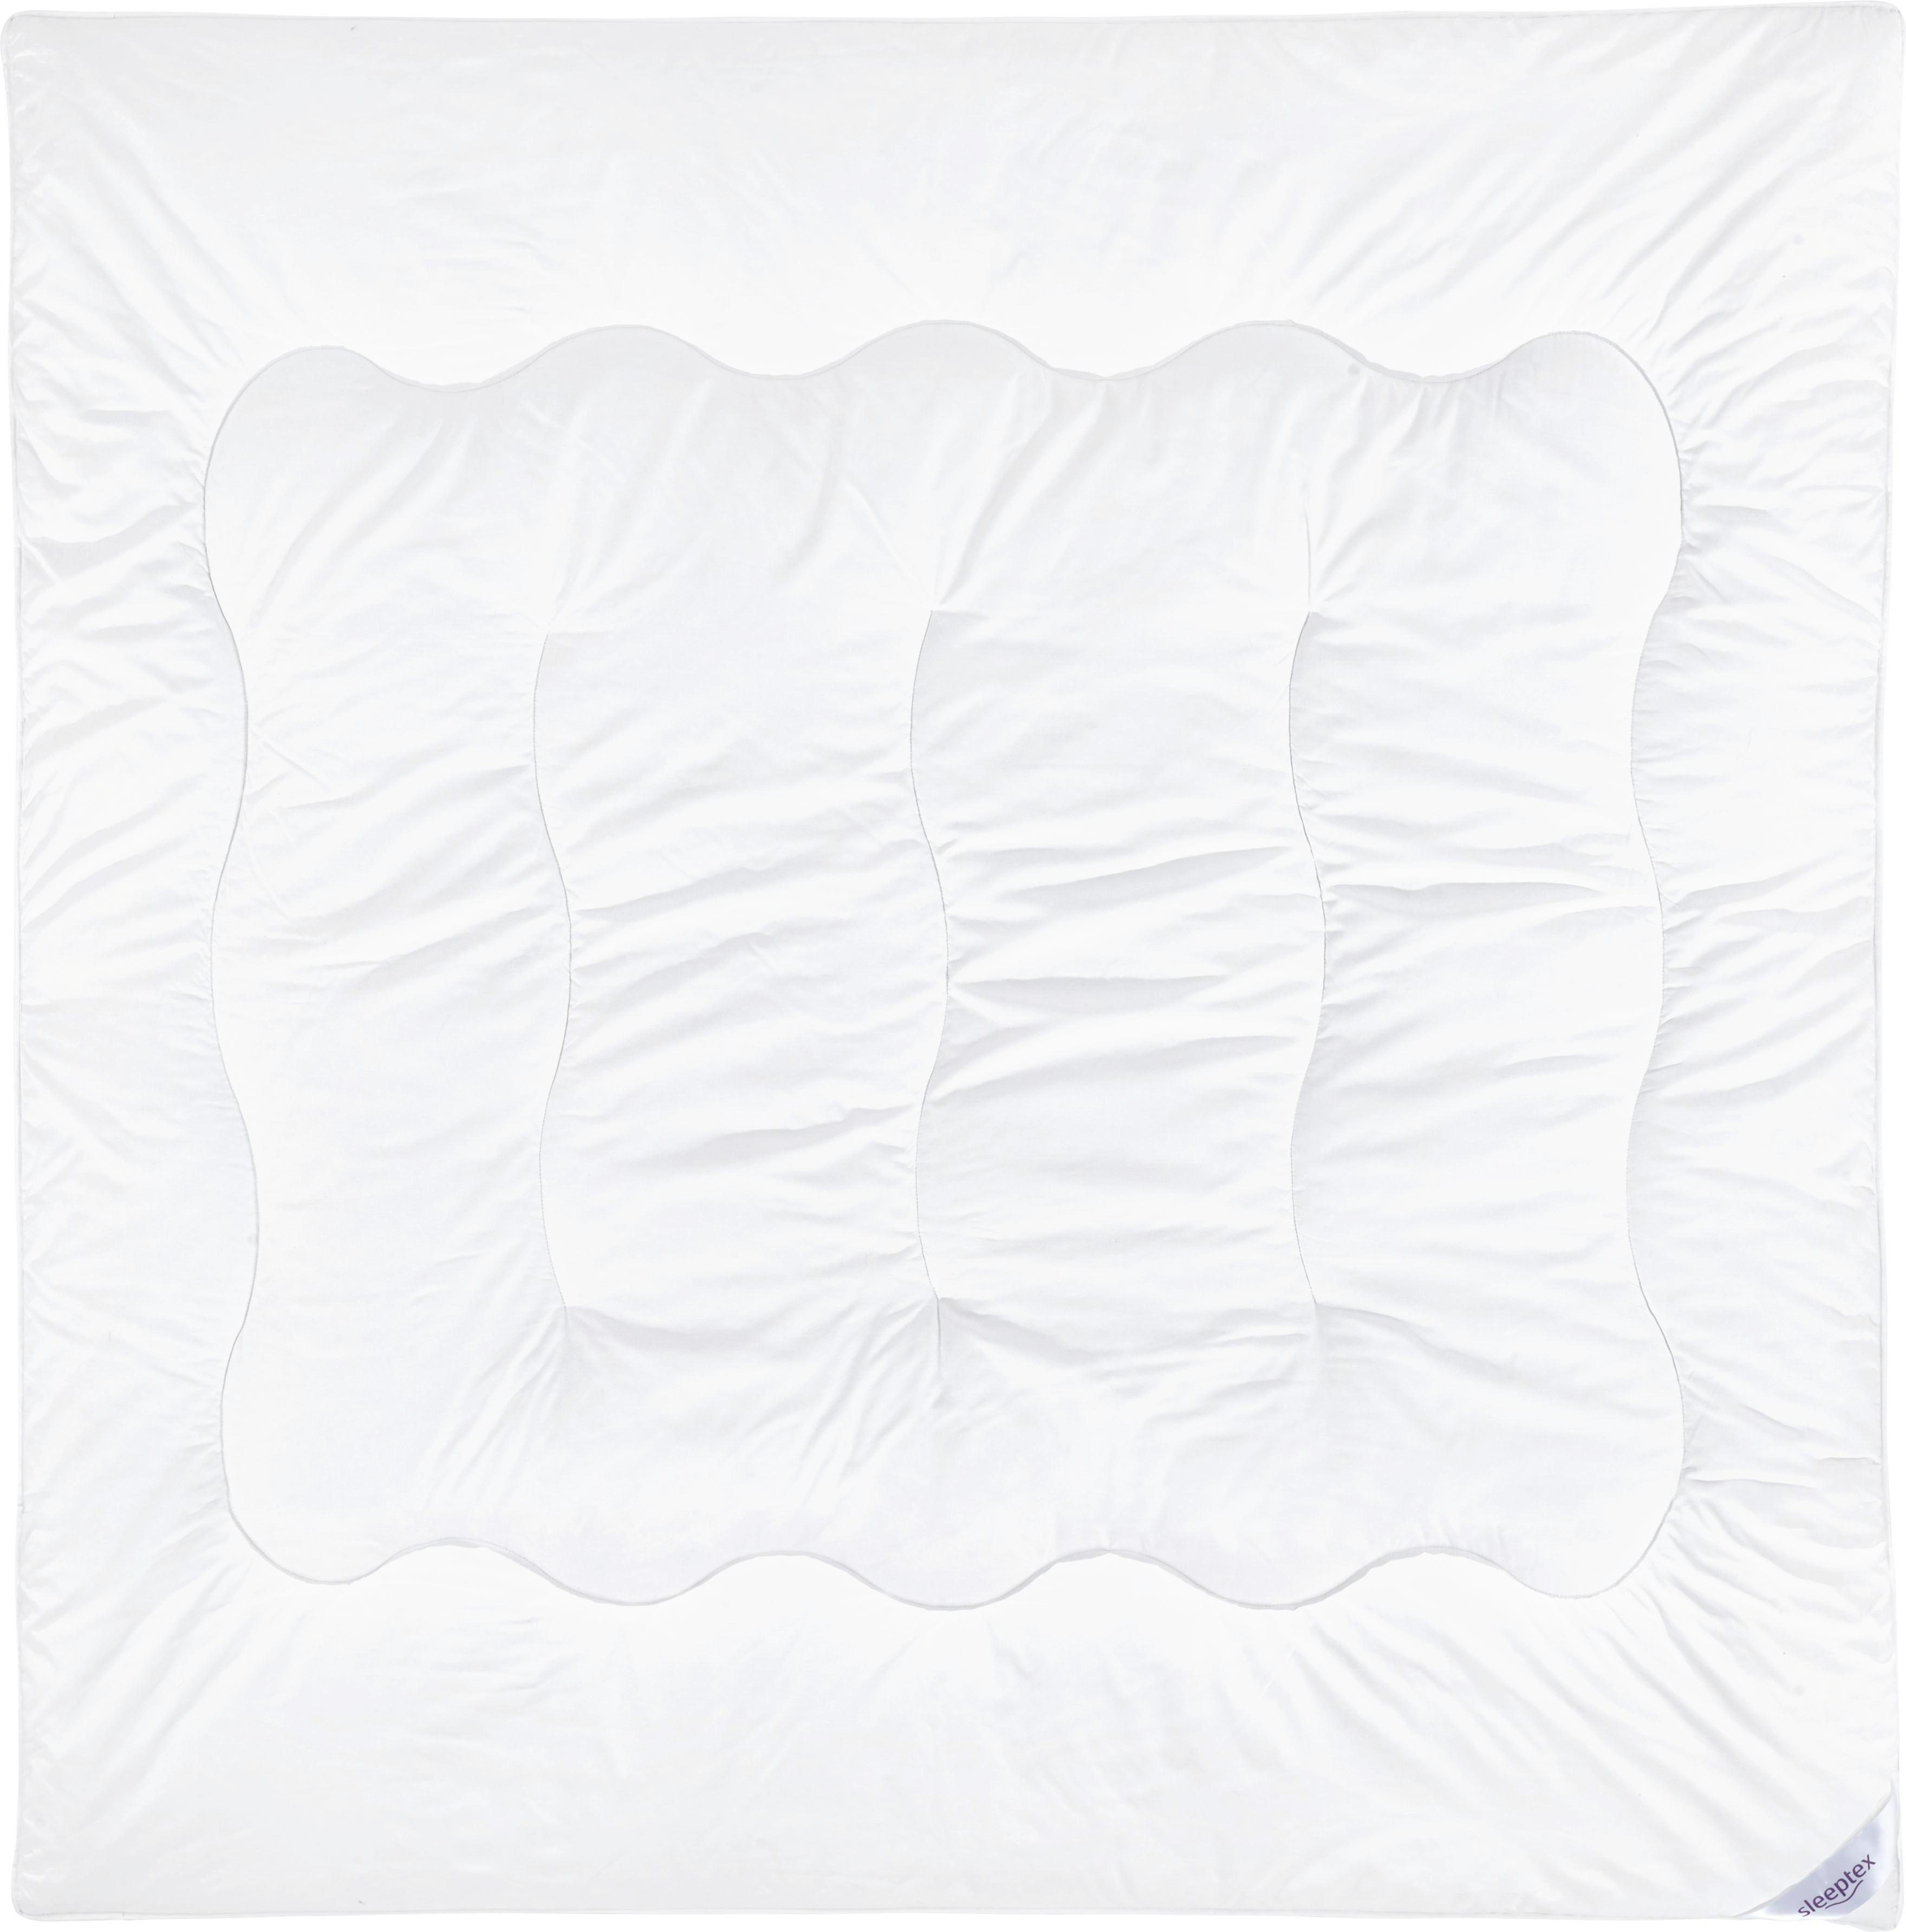 PŘIKRÝVKA - bílá, Basics, textil (200/200cm) - SLEEPTEX